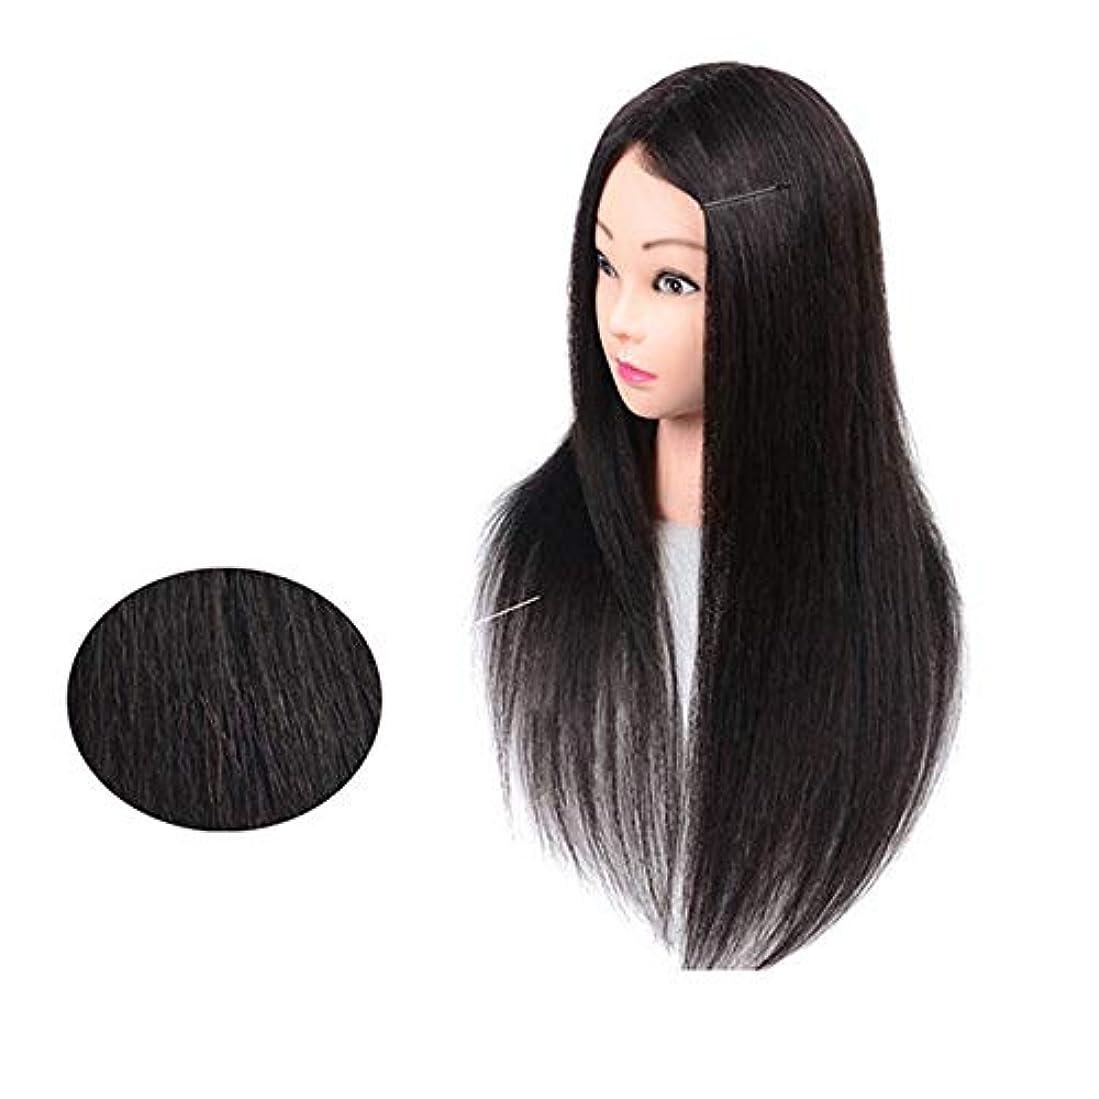 前進店員息苦しいウイッグ マネキンヘッド クランプ実践サロンでは80%の人間の髪マネキン頭部イエローナチュラルカラー 練習用 (色 : ブラック, サイズ : 60cm(hair length))